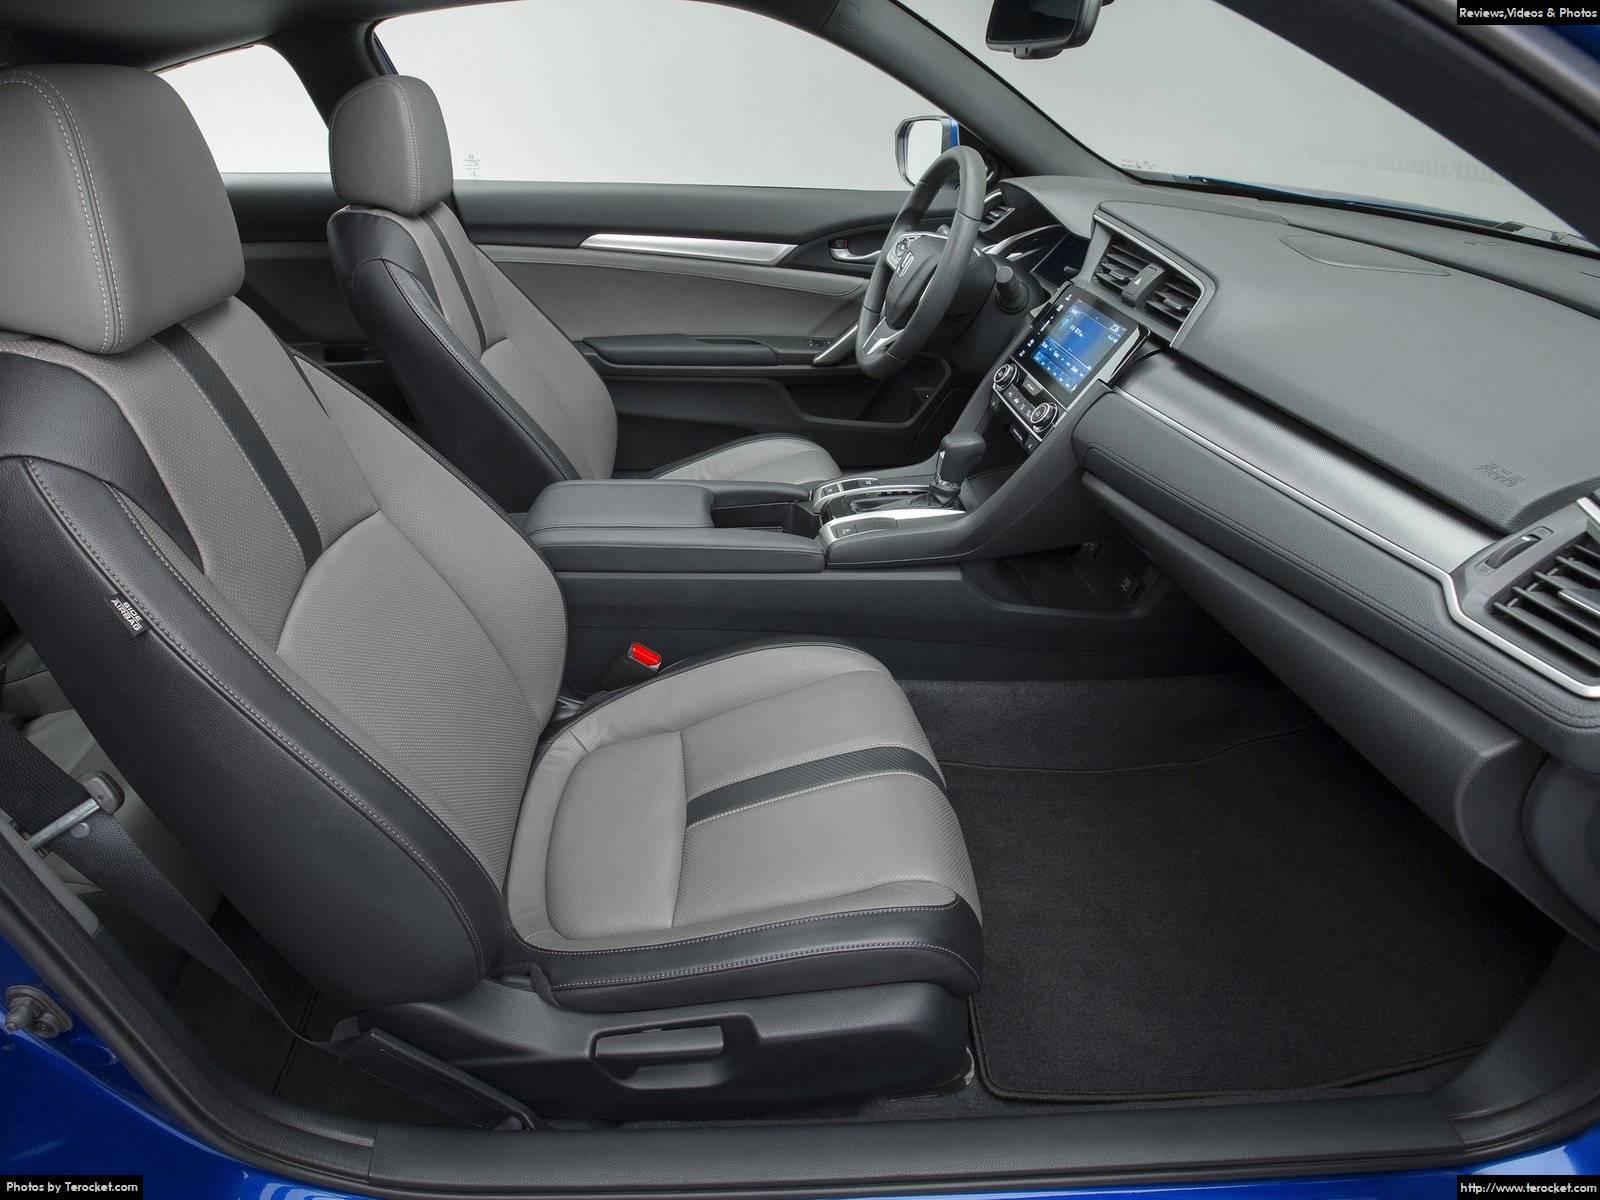 Hình ảnh xe ô tô Honda Civic Coupe 2016 & nội ngoại thất